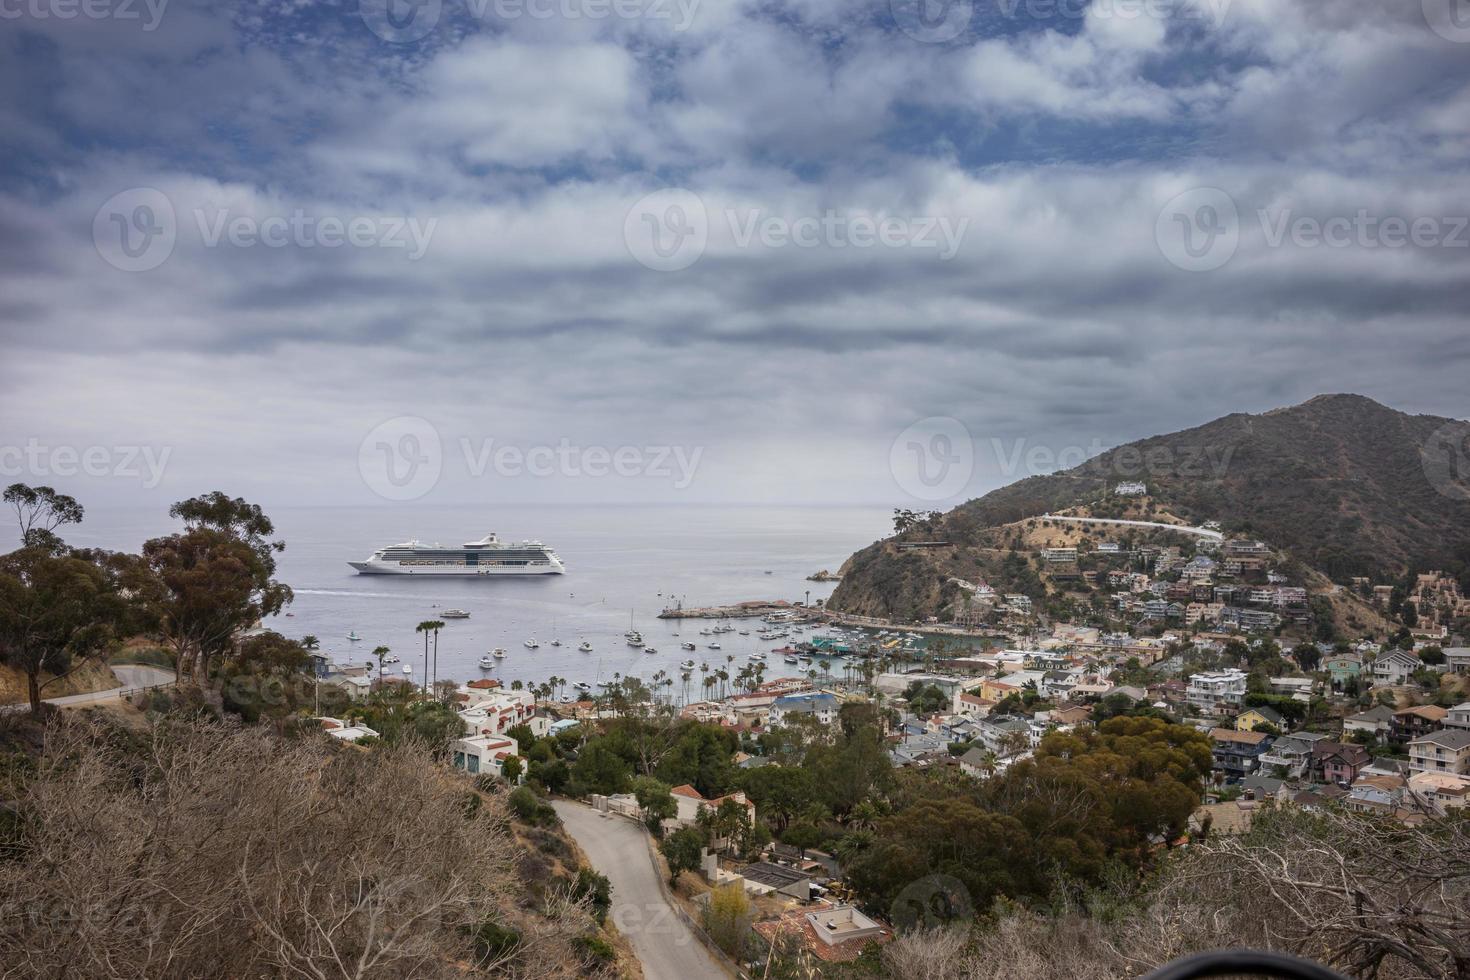 nave da crociera sull'isola di santa catalina foto